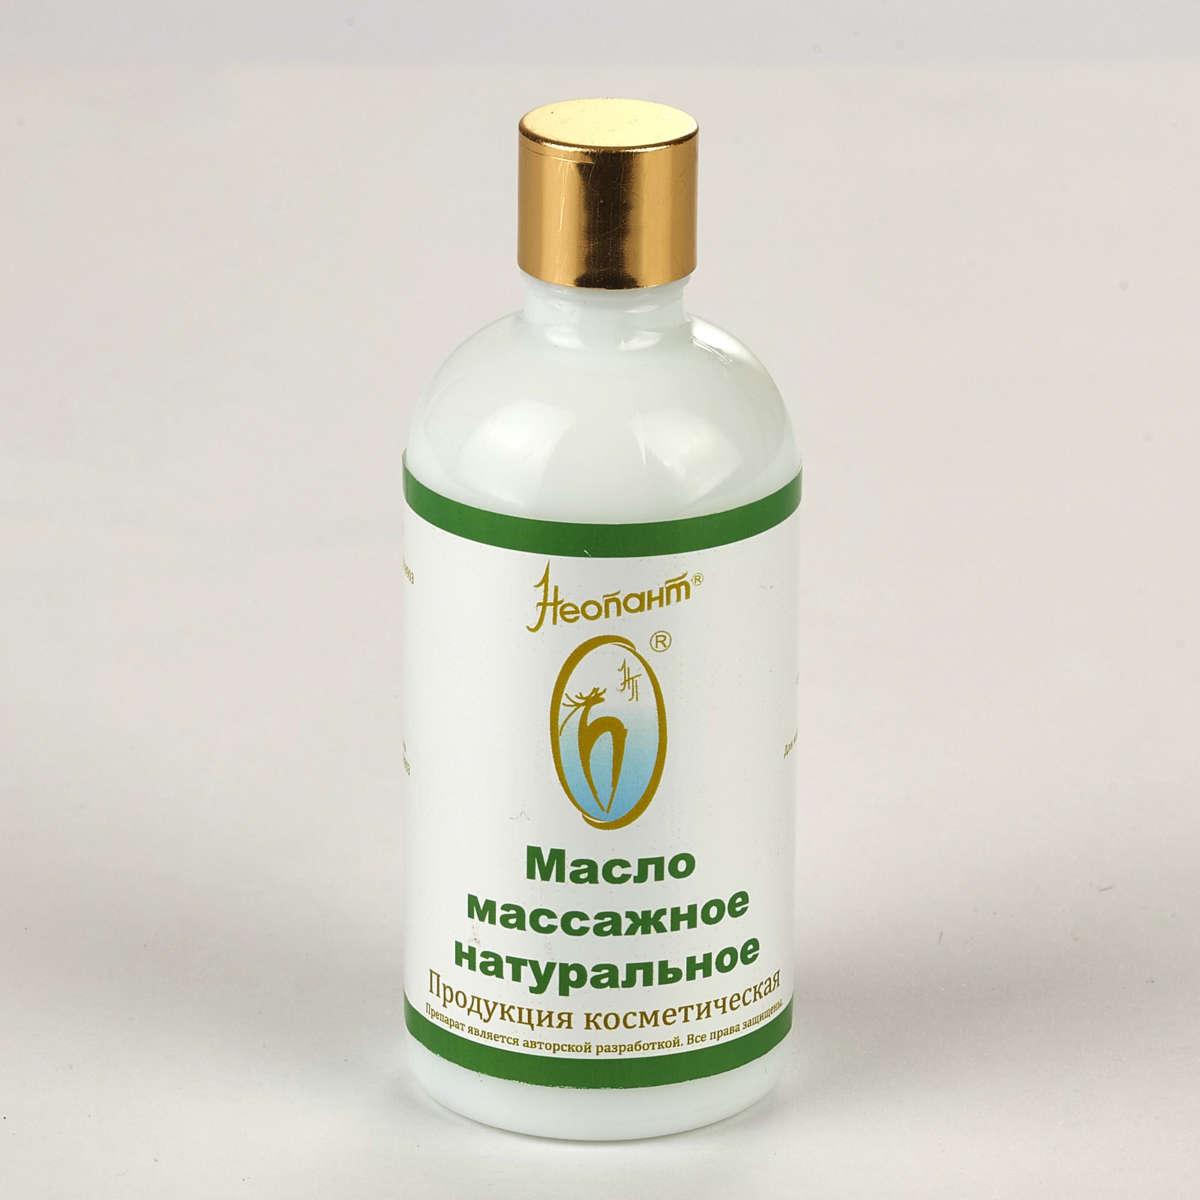 Пантовое масло: отзывы, состав и полезные свойства